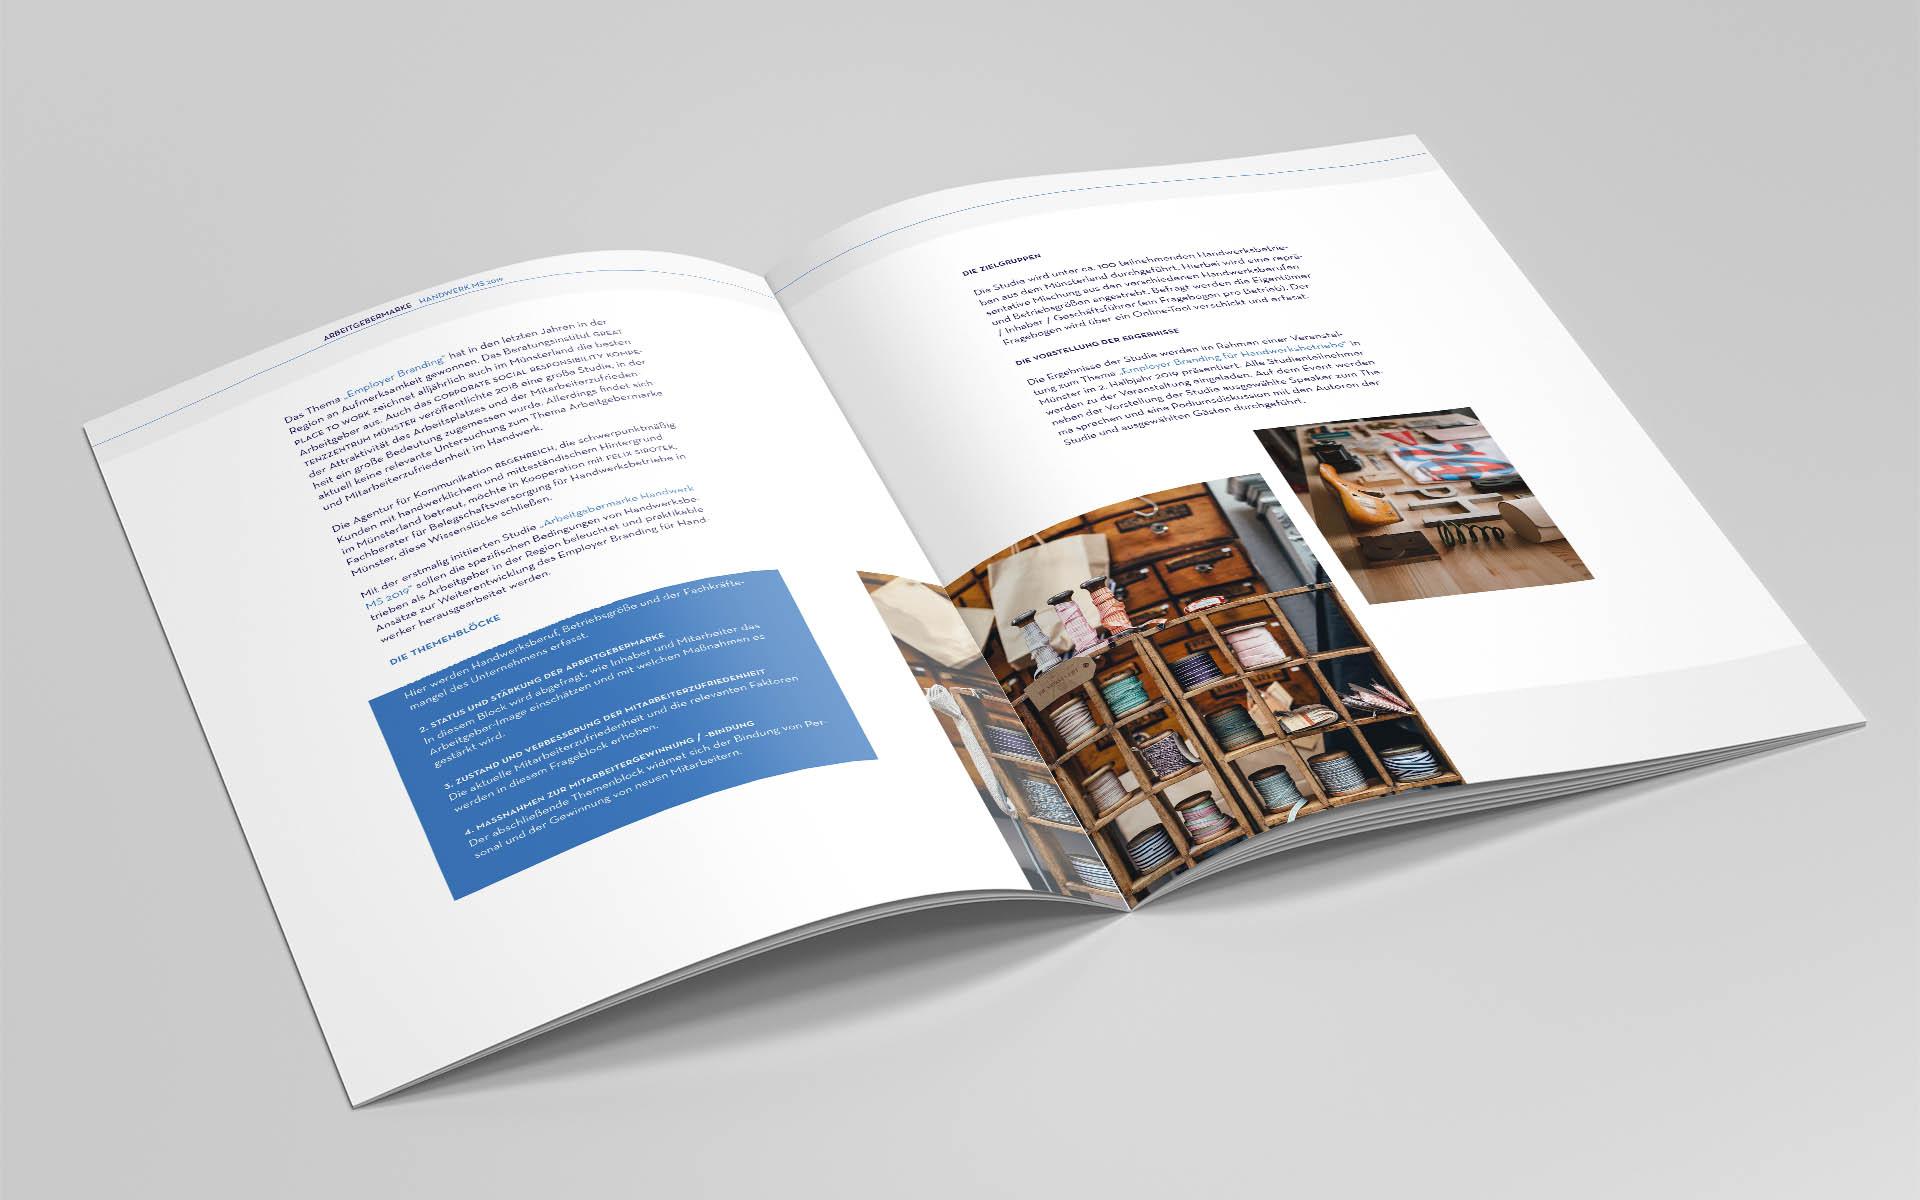 Studie, Design, Konzept, Layout, Münster, Auckz